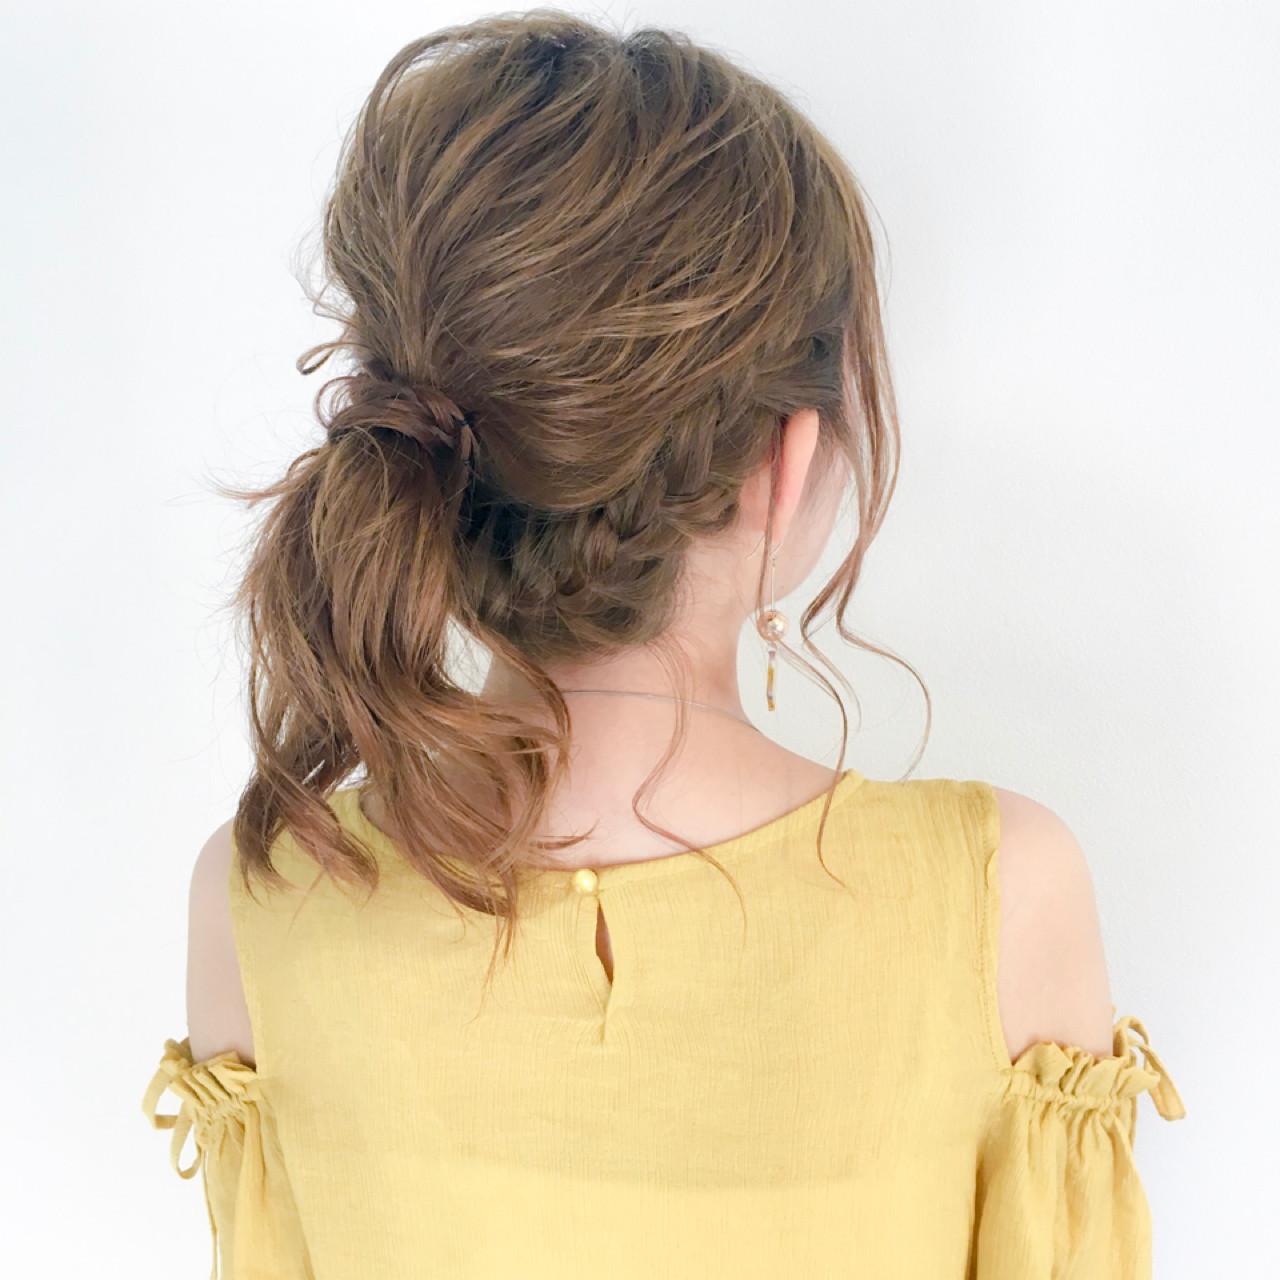 デート 結婚式 ロング フェミニン ヘアスタイルや髪型の写真・画像